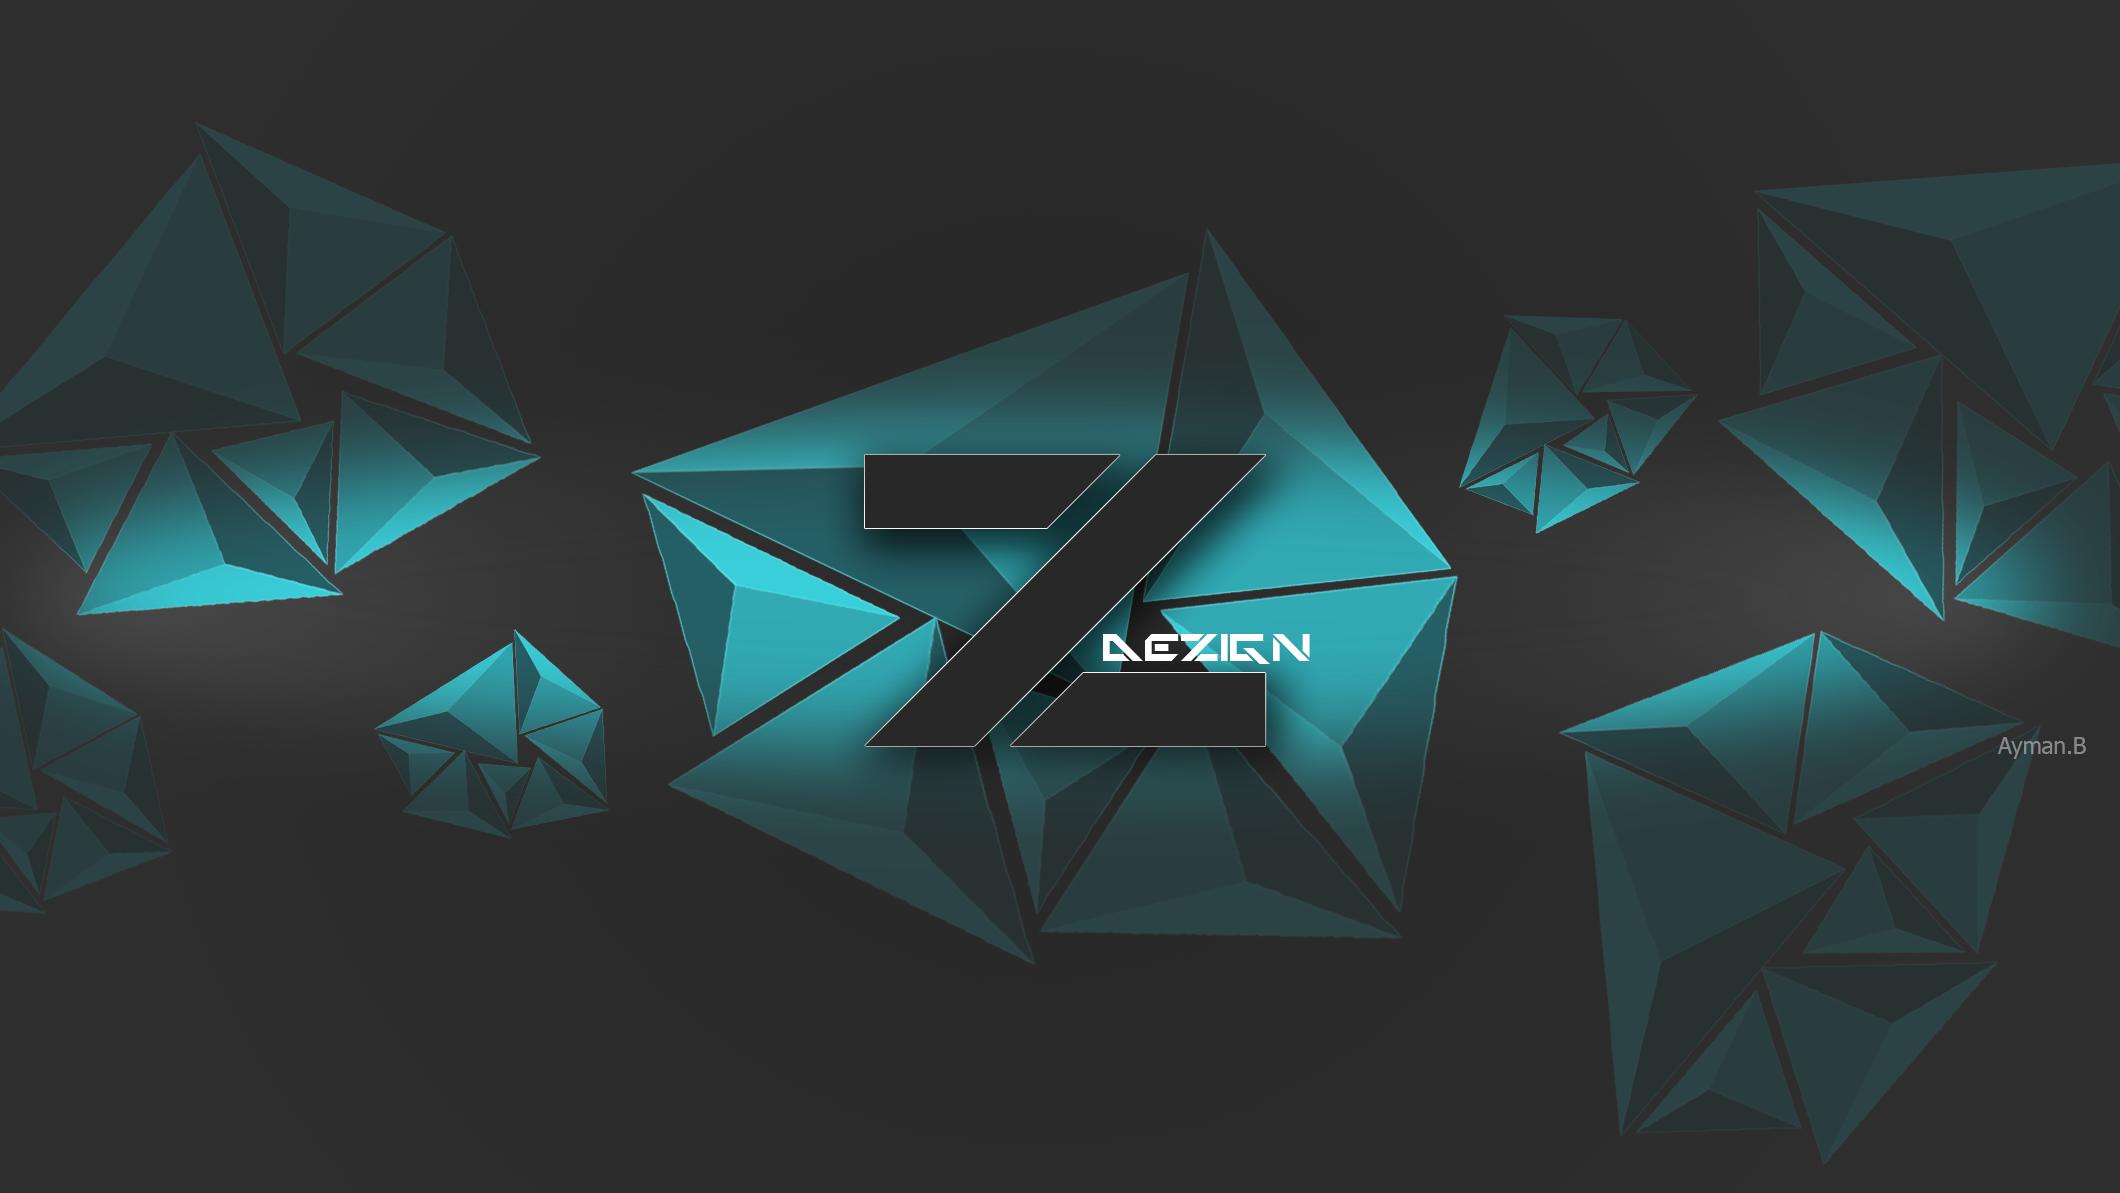 Zero design youtube banner by ayman-b001 on DeviantArt